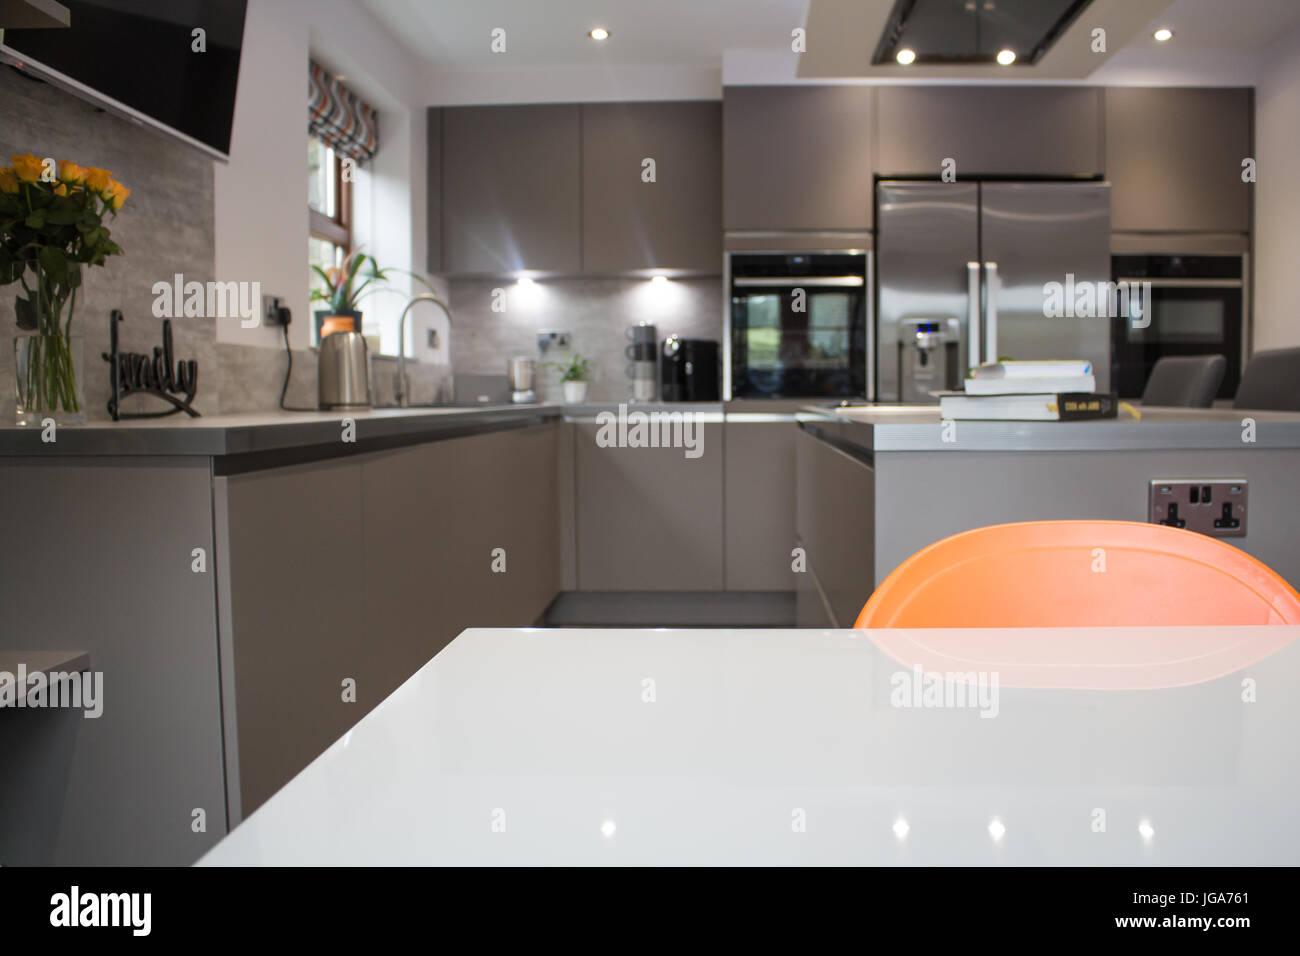 Hotel Di Lusso Interni : Un moderno hotel di lusso grigio opaco cucina interno che mostra un